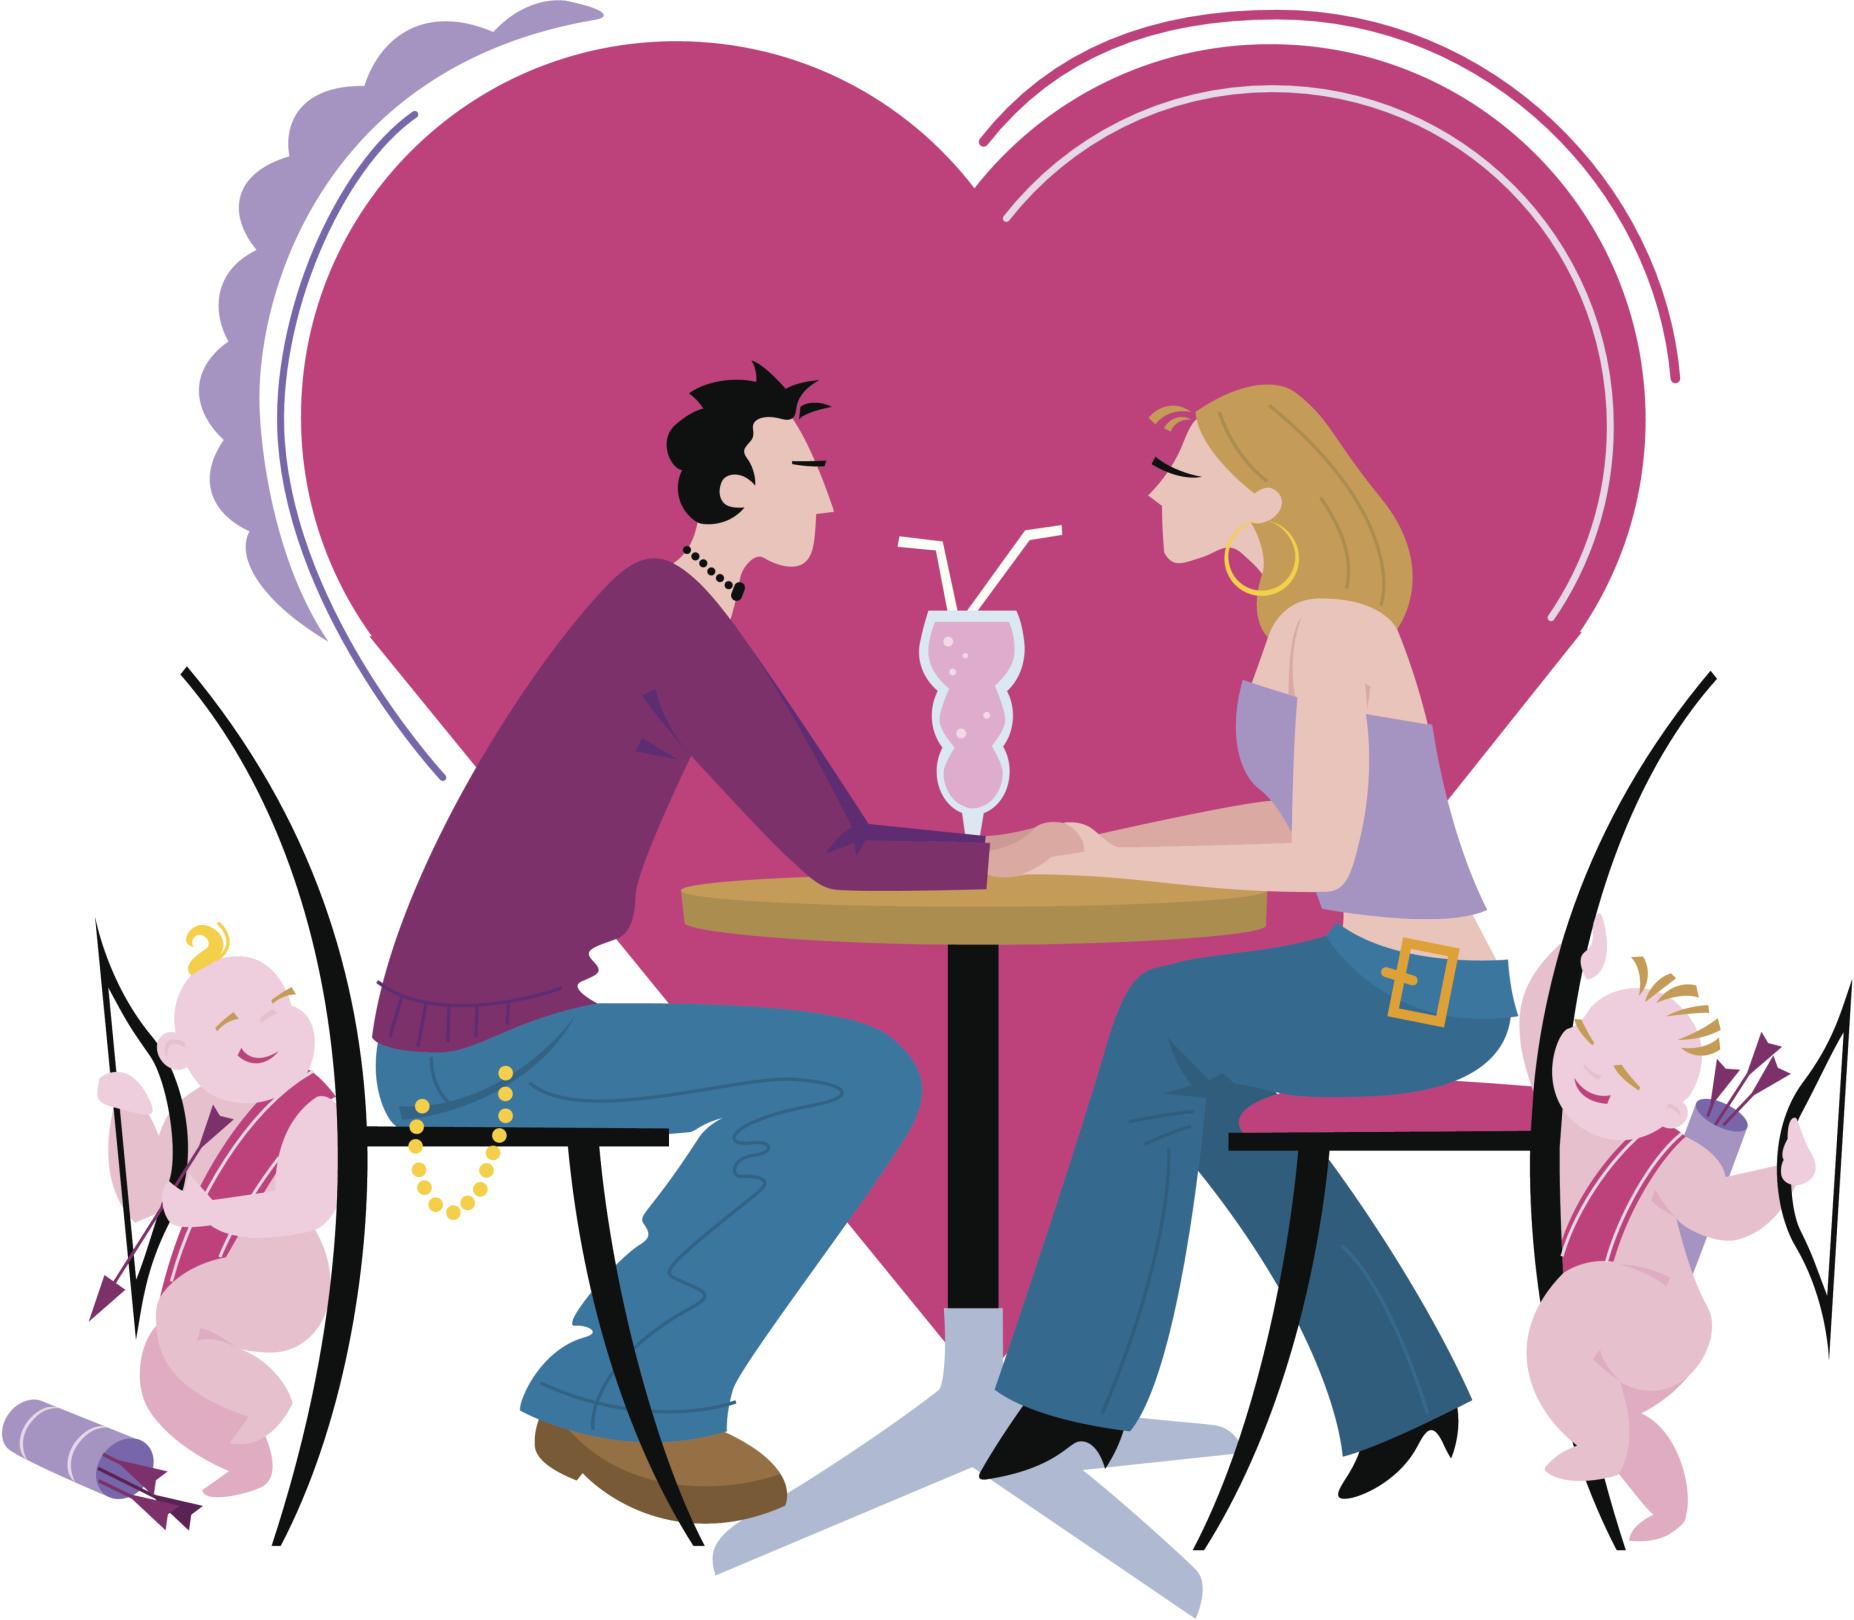 Miten on radioaktiivinen hajoaminen käytetään ehdoton dating